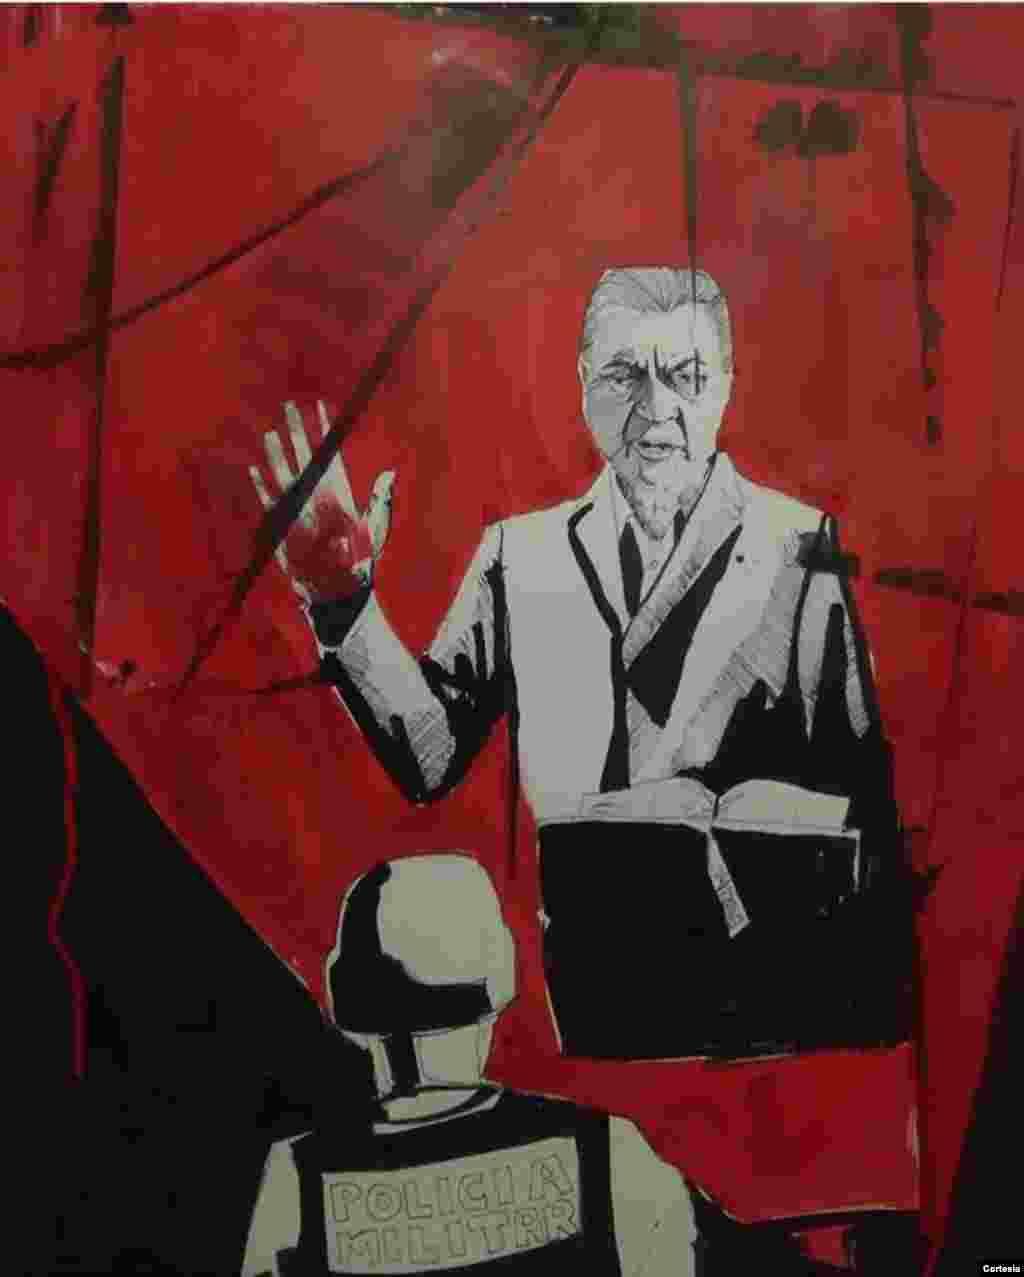 El artista visual e historiador Daniel Valladares considera que ninguno de los dos partidos políticos que están en la pugna por el poder en Honduras van a rendir tributo a las víctimas en la lucha por la democracia.